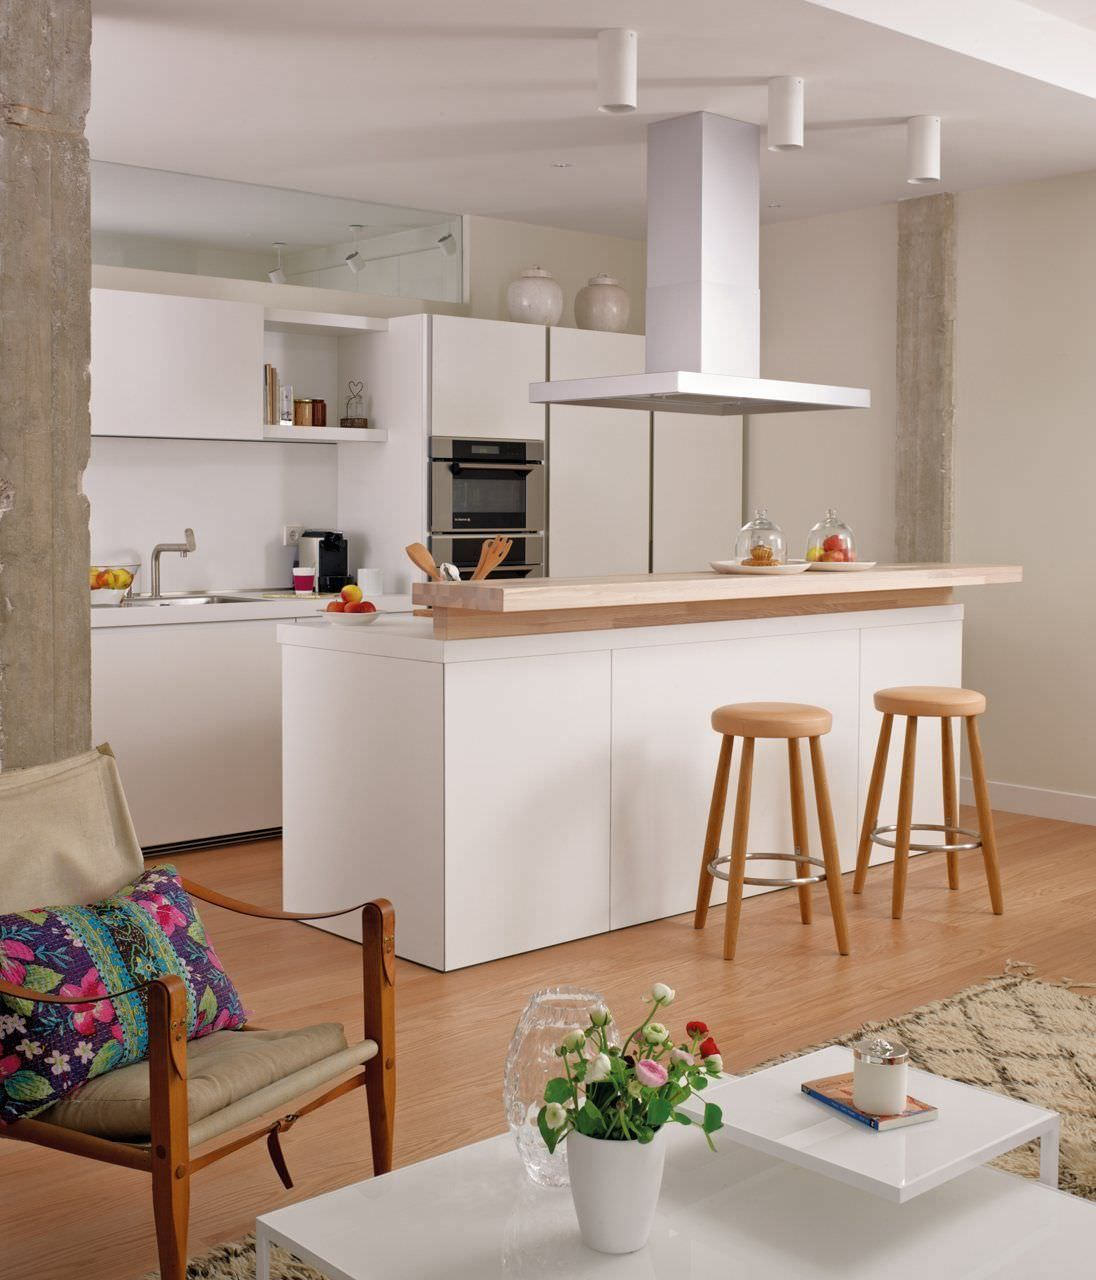 Cucina Con Snack.100 Idee Cucine Con Isola Moderne E Funzionali Cucina